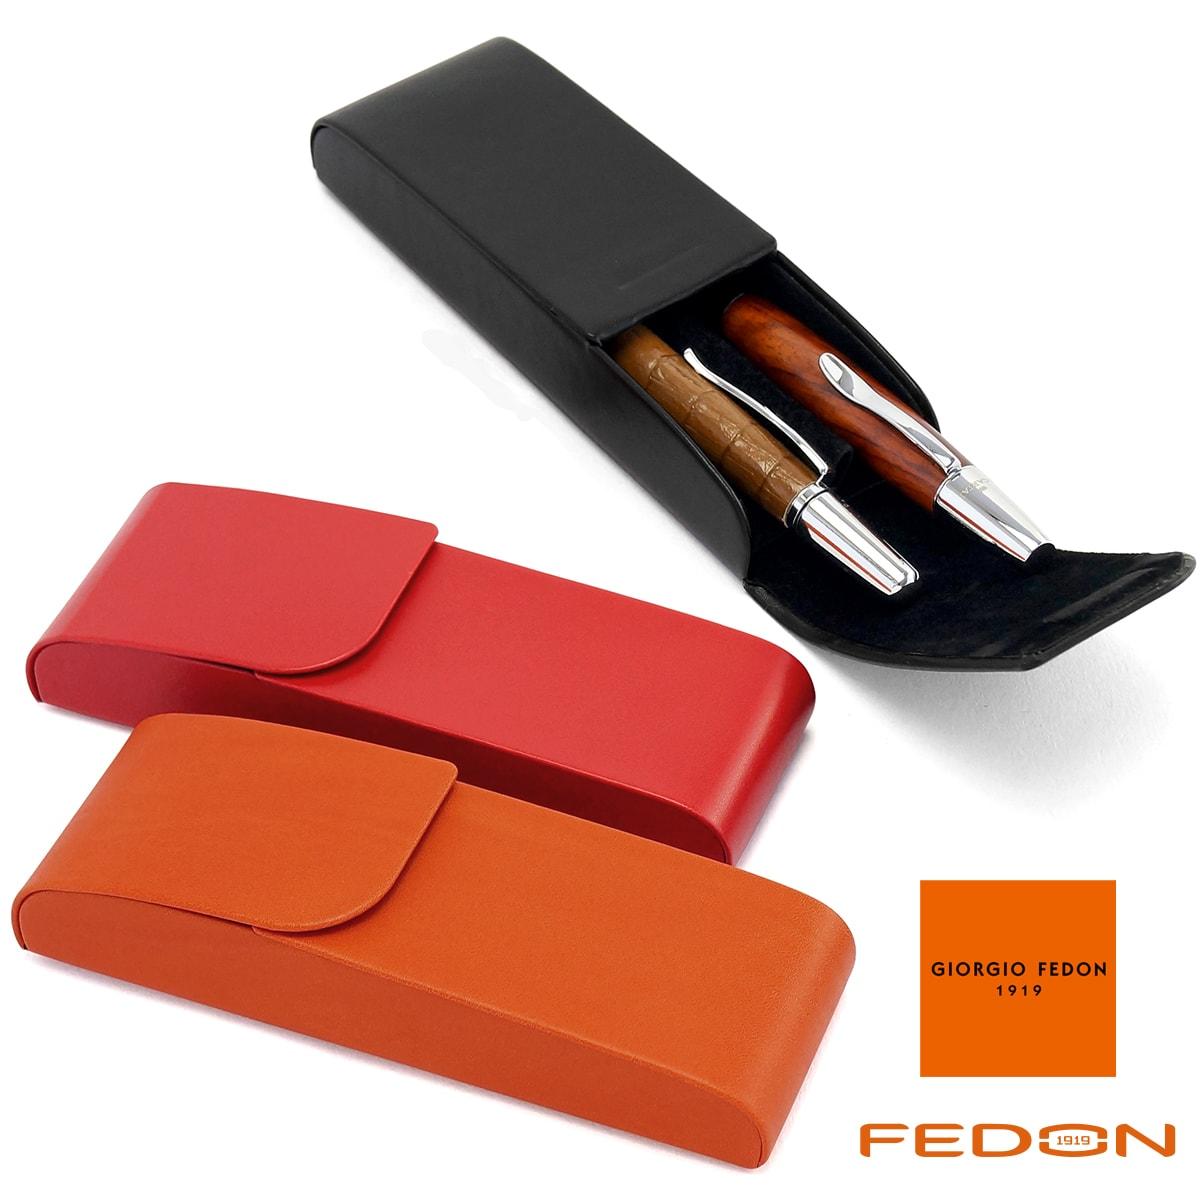 【送料無料】 【イタリア製】 ペンケース 筆箱 シンプル おしゃれ メンズ レディース ジョルジオフェドン GIORGIO FEDON スムースシリーズ 2本差し PORTAPENNE-2